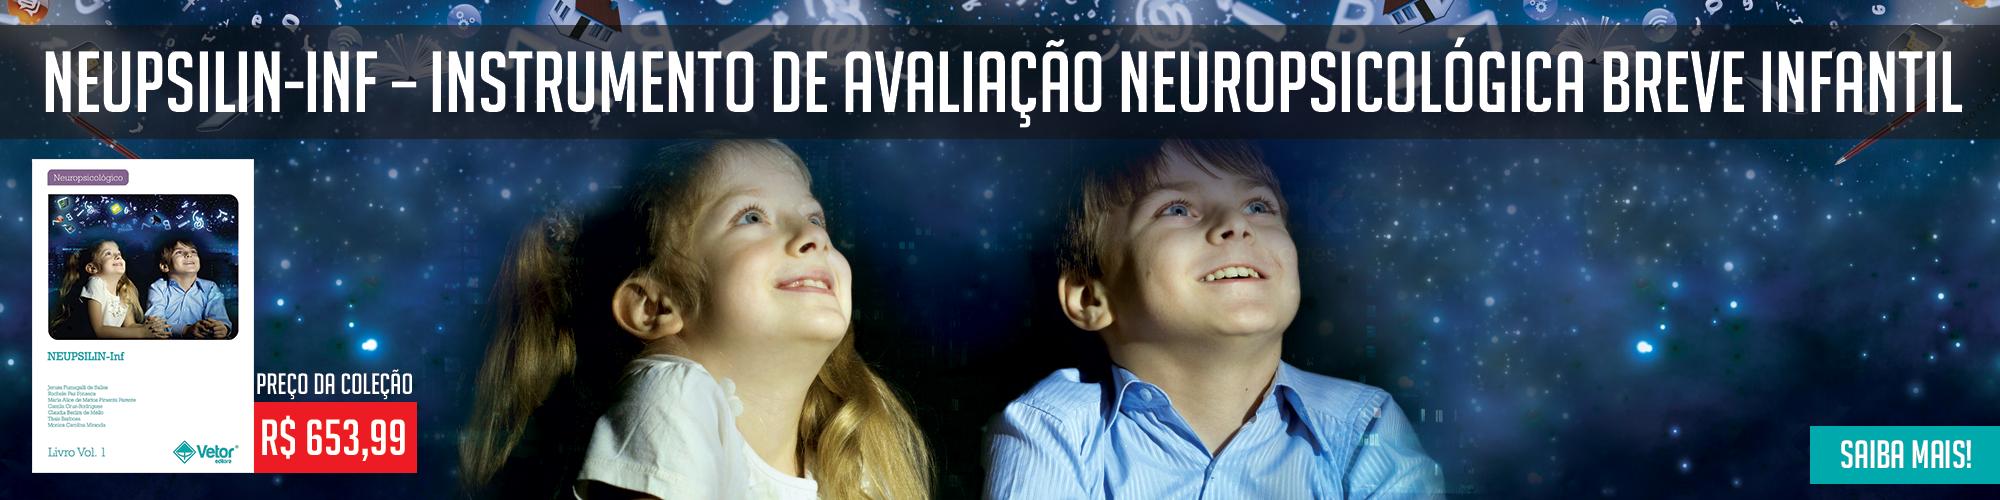 Neupsilin - INF - Instrumento de Avaliação Neuropsicológica Breve Infantil